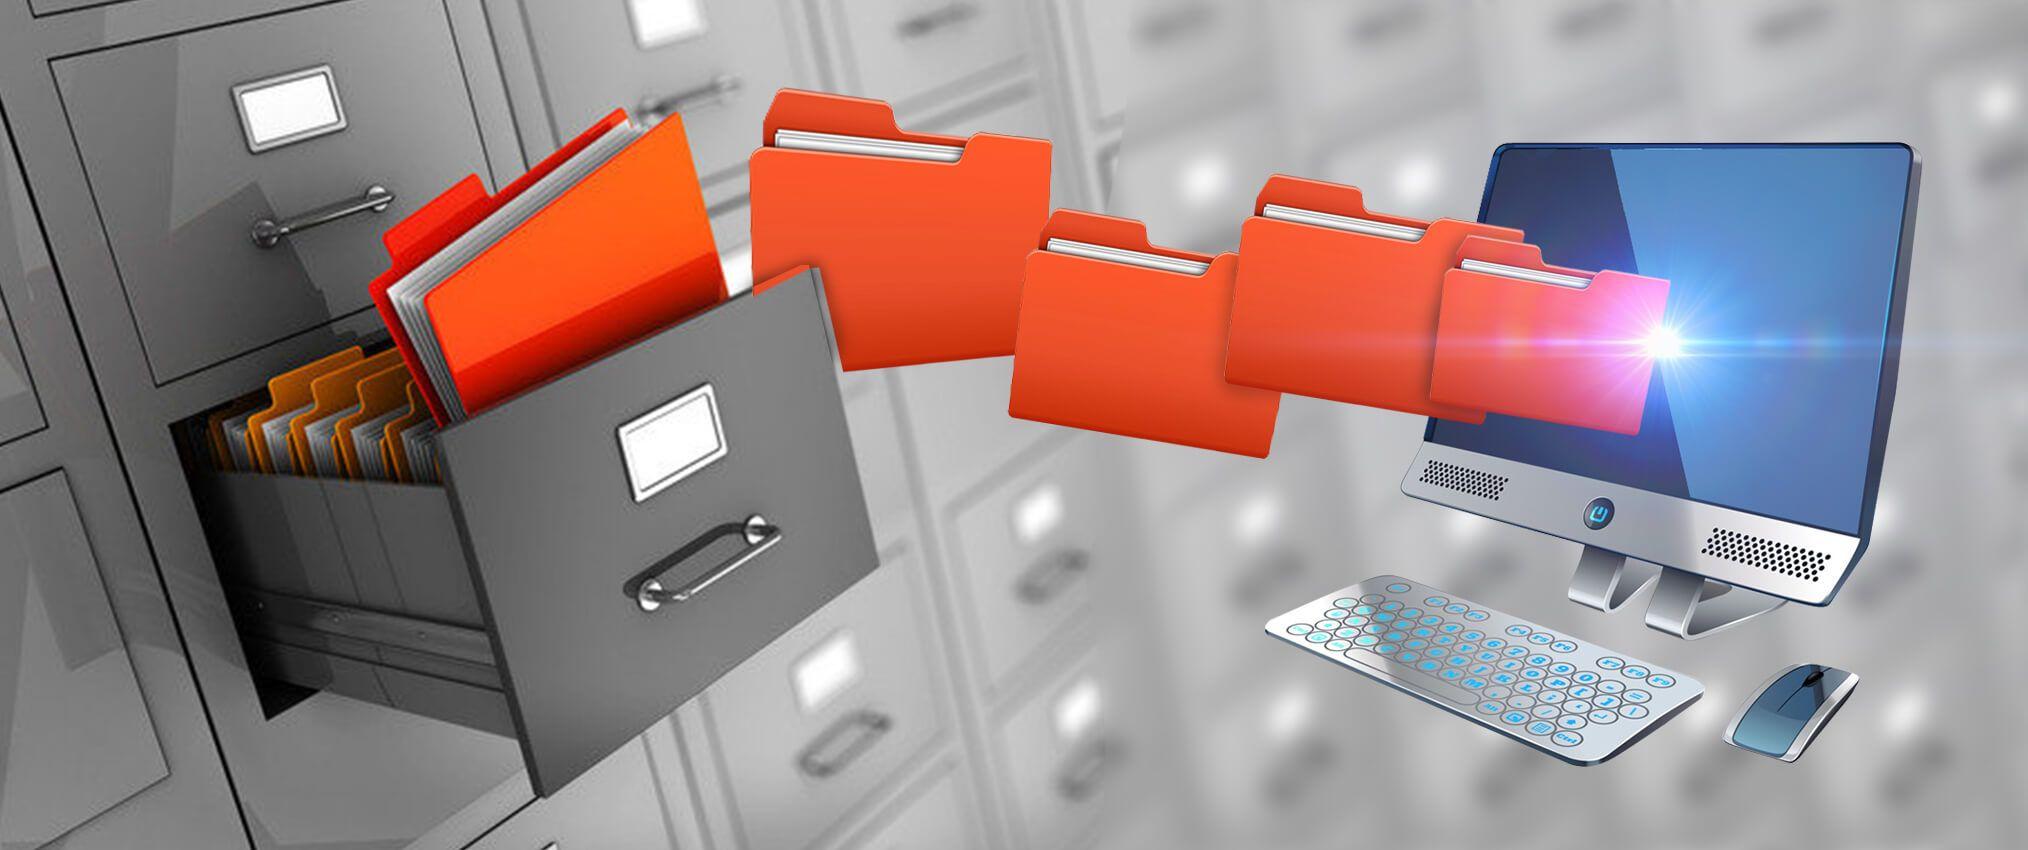 В Германии разрешен выпуск ценных бумаг только в электронном виде